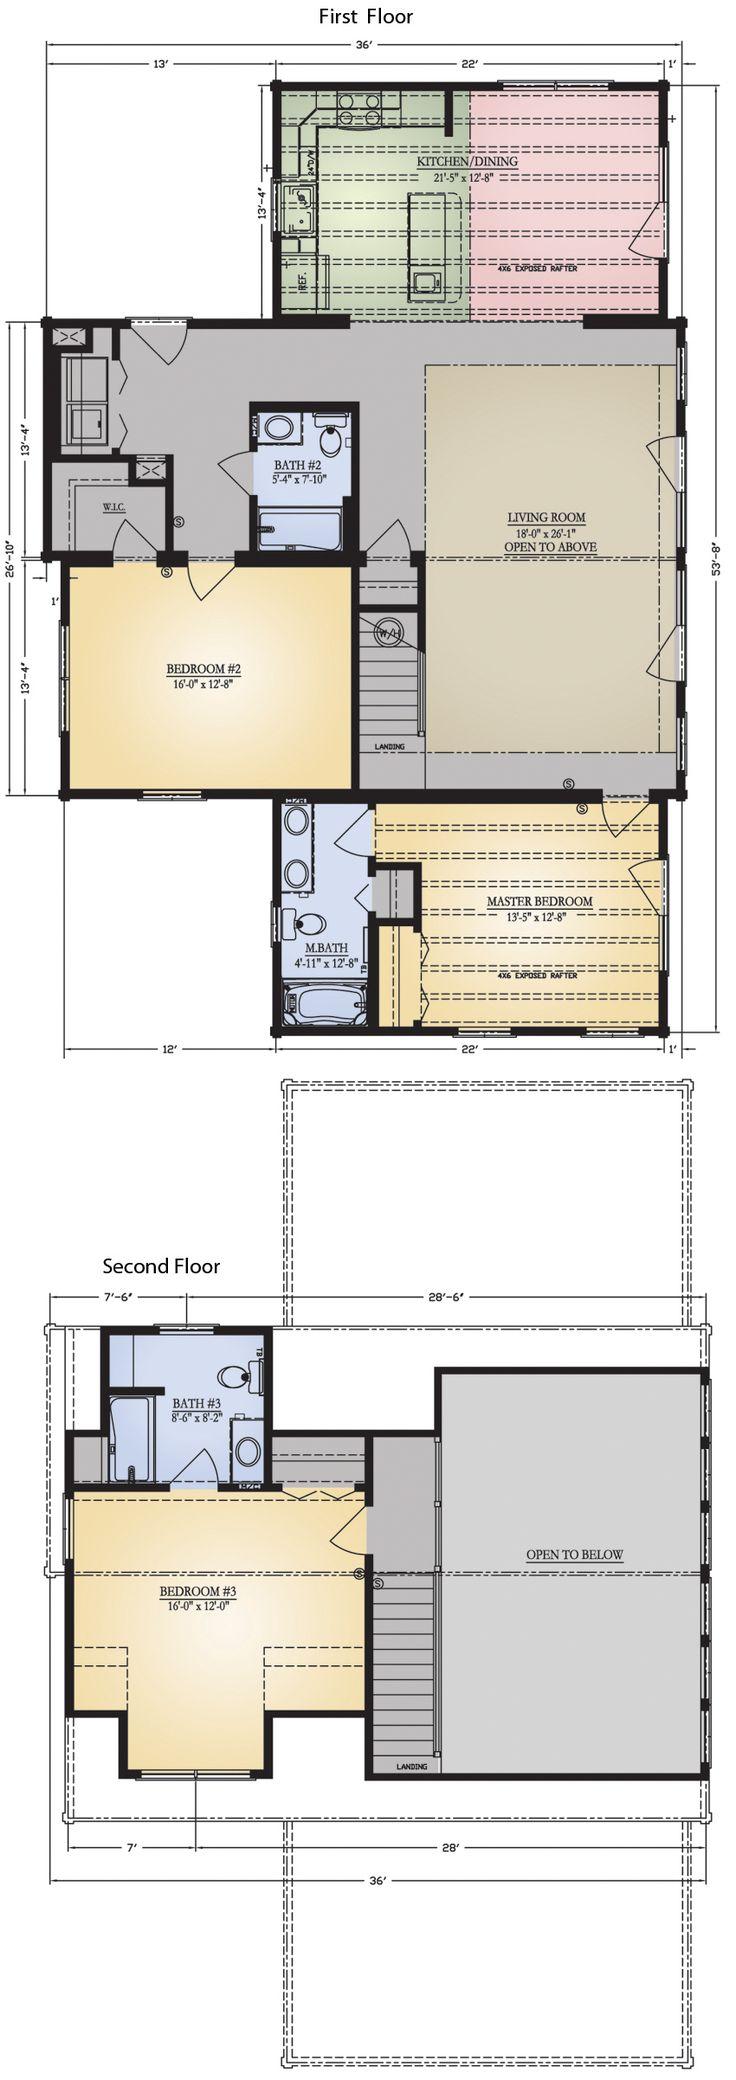 28 best blue ridge log cabins homes images on pinterest log home jocassee 3 final image log home floor planshouse planscabin